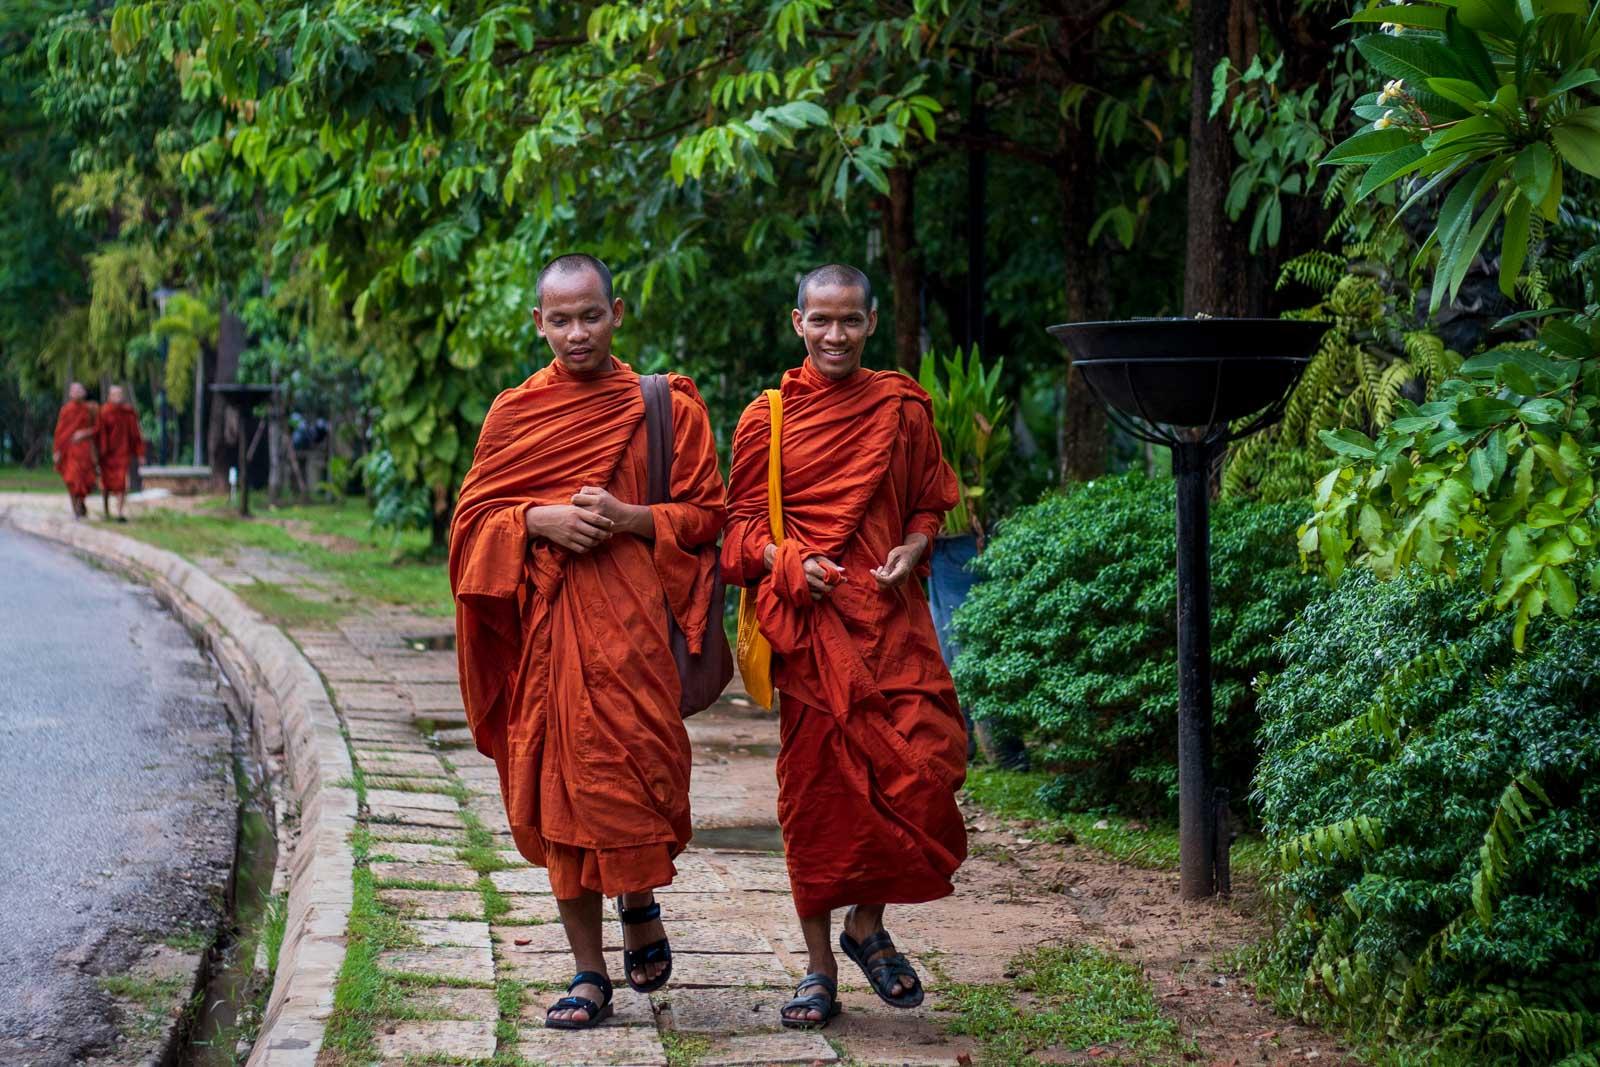 Siem Reap Monks walking